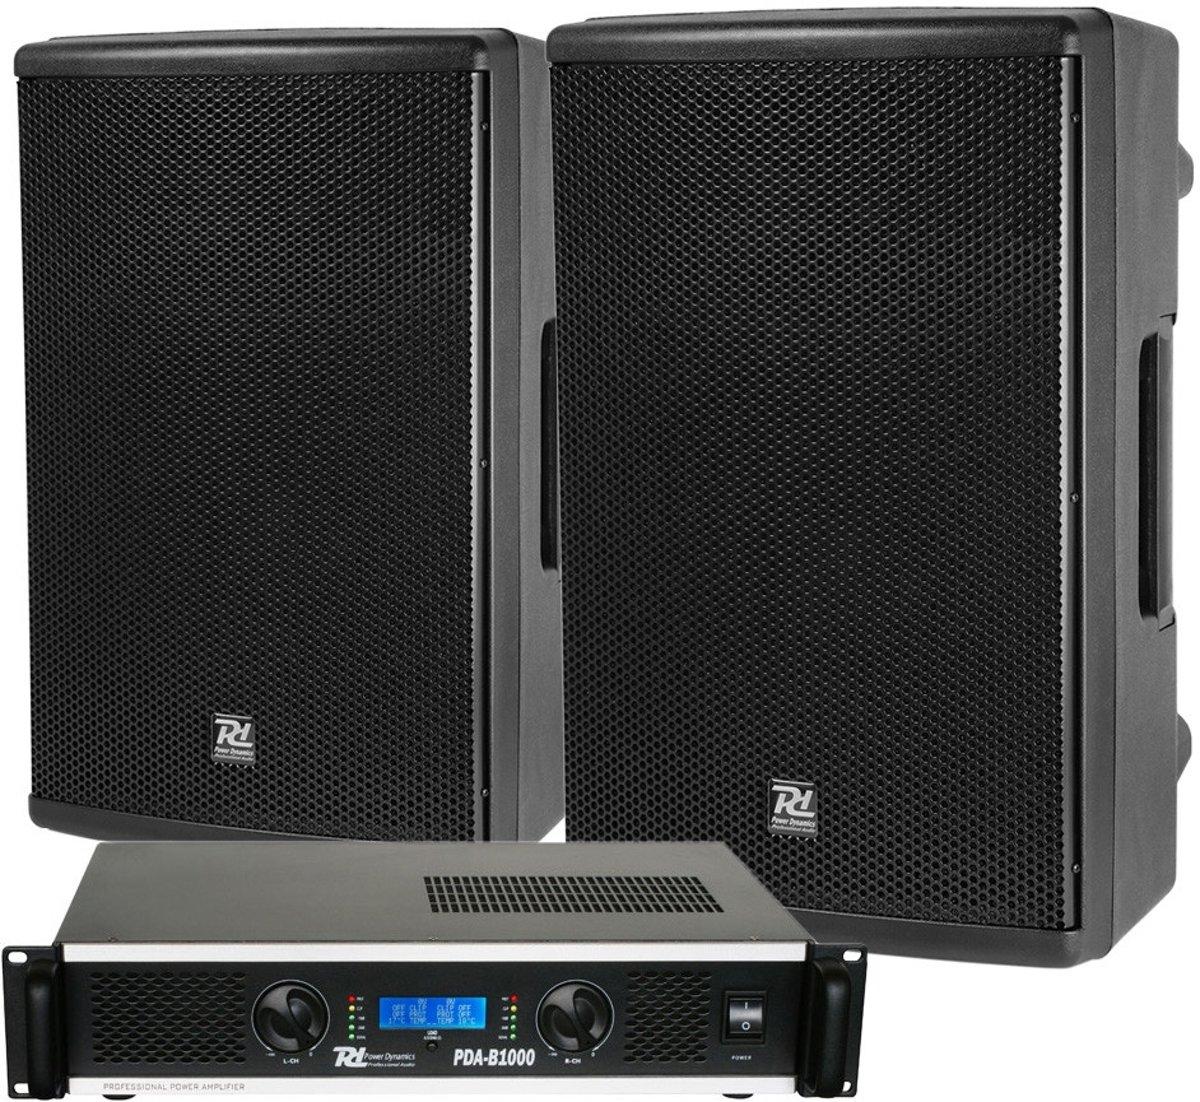 Power Dynamics complete geluidsinstallatie met PD415P speakers en PDA-B1000 versterker kopen